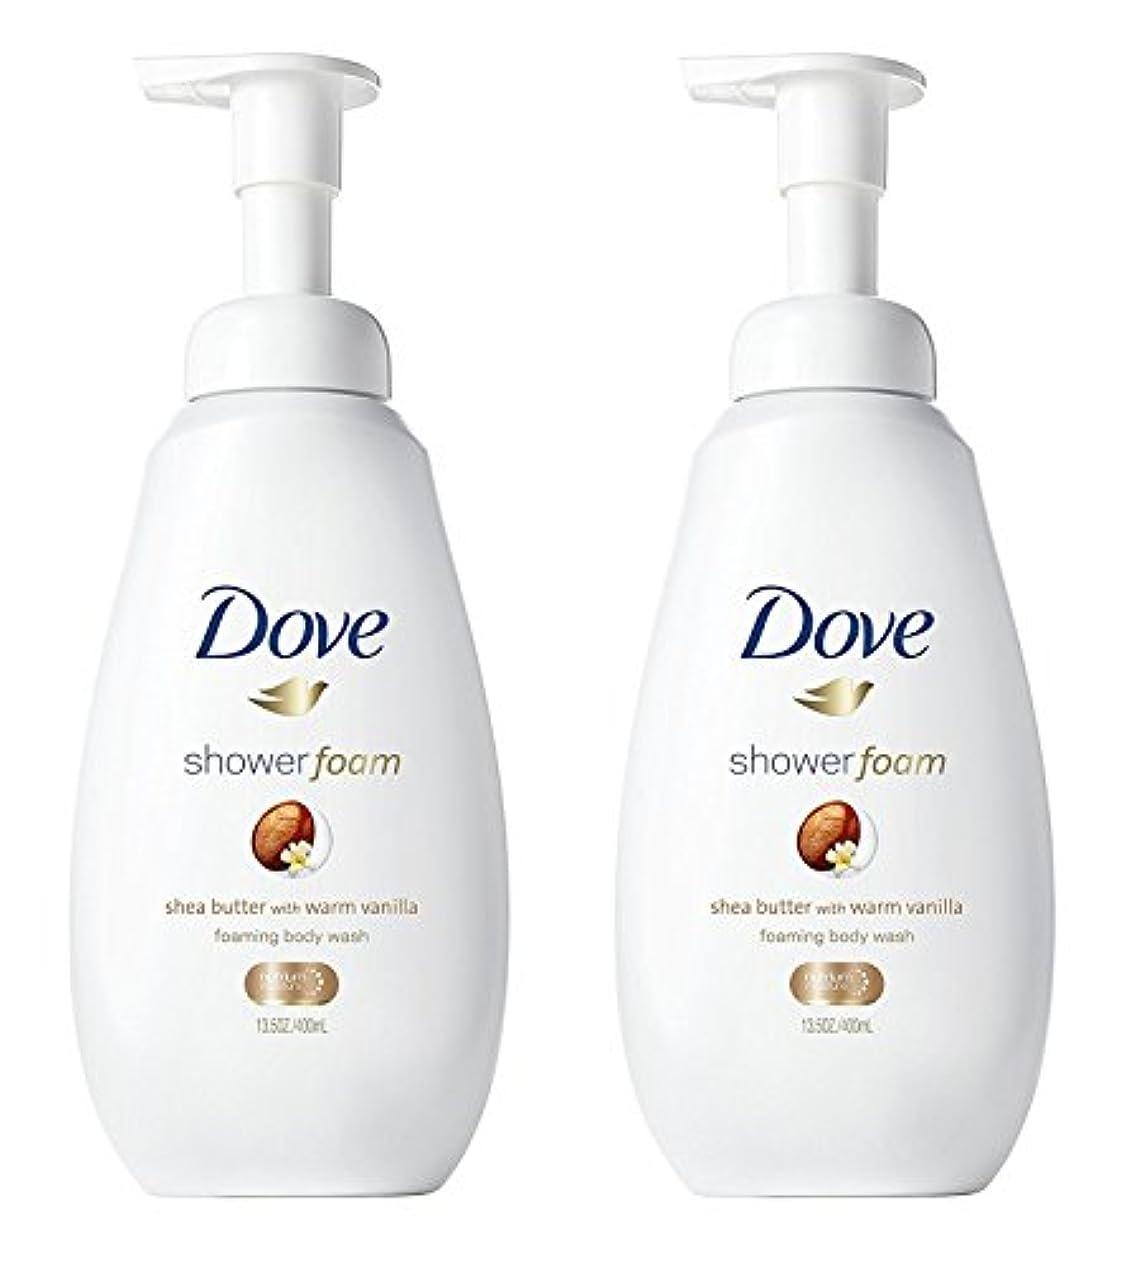 サンプル福祉構造的Dove シャワー泡 - ウォームバニラシアバター - - ボディウォッシュを発泡ネット重量。ボトルあたり13.5液量オンス(400ml)を - 2本のボトルのパック